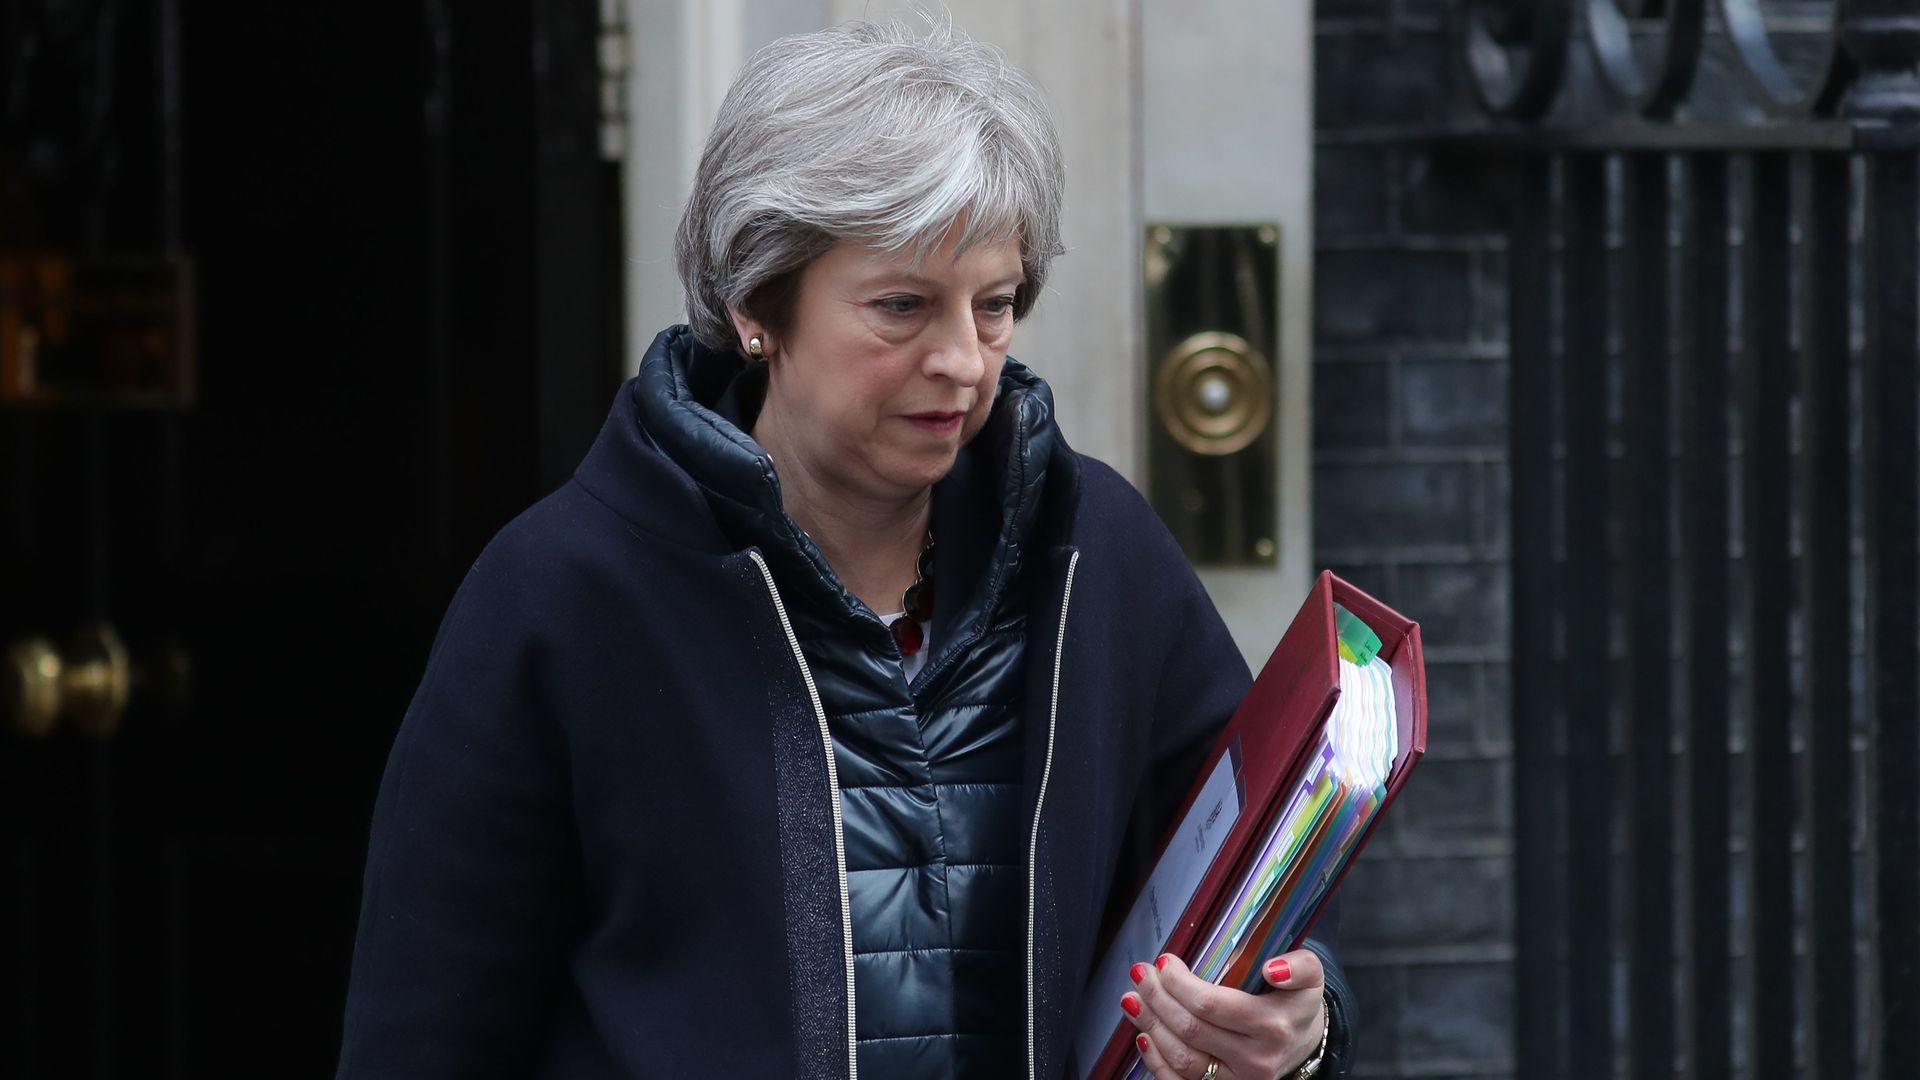 Theresa May leaving 10 Downing Street